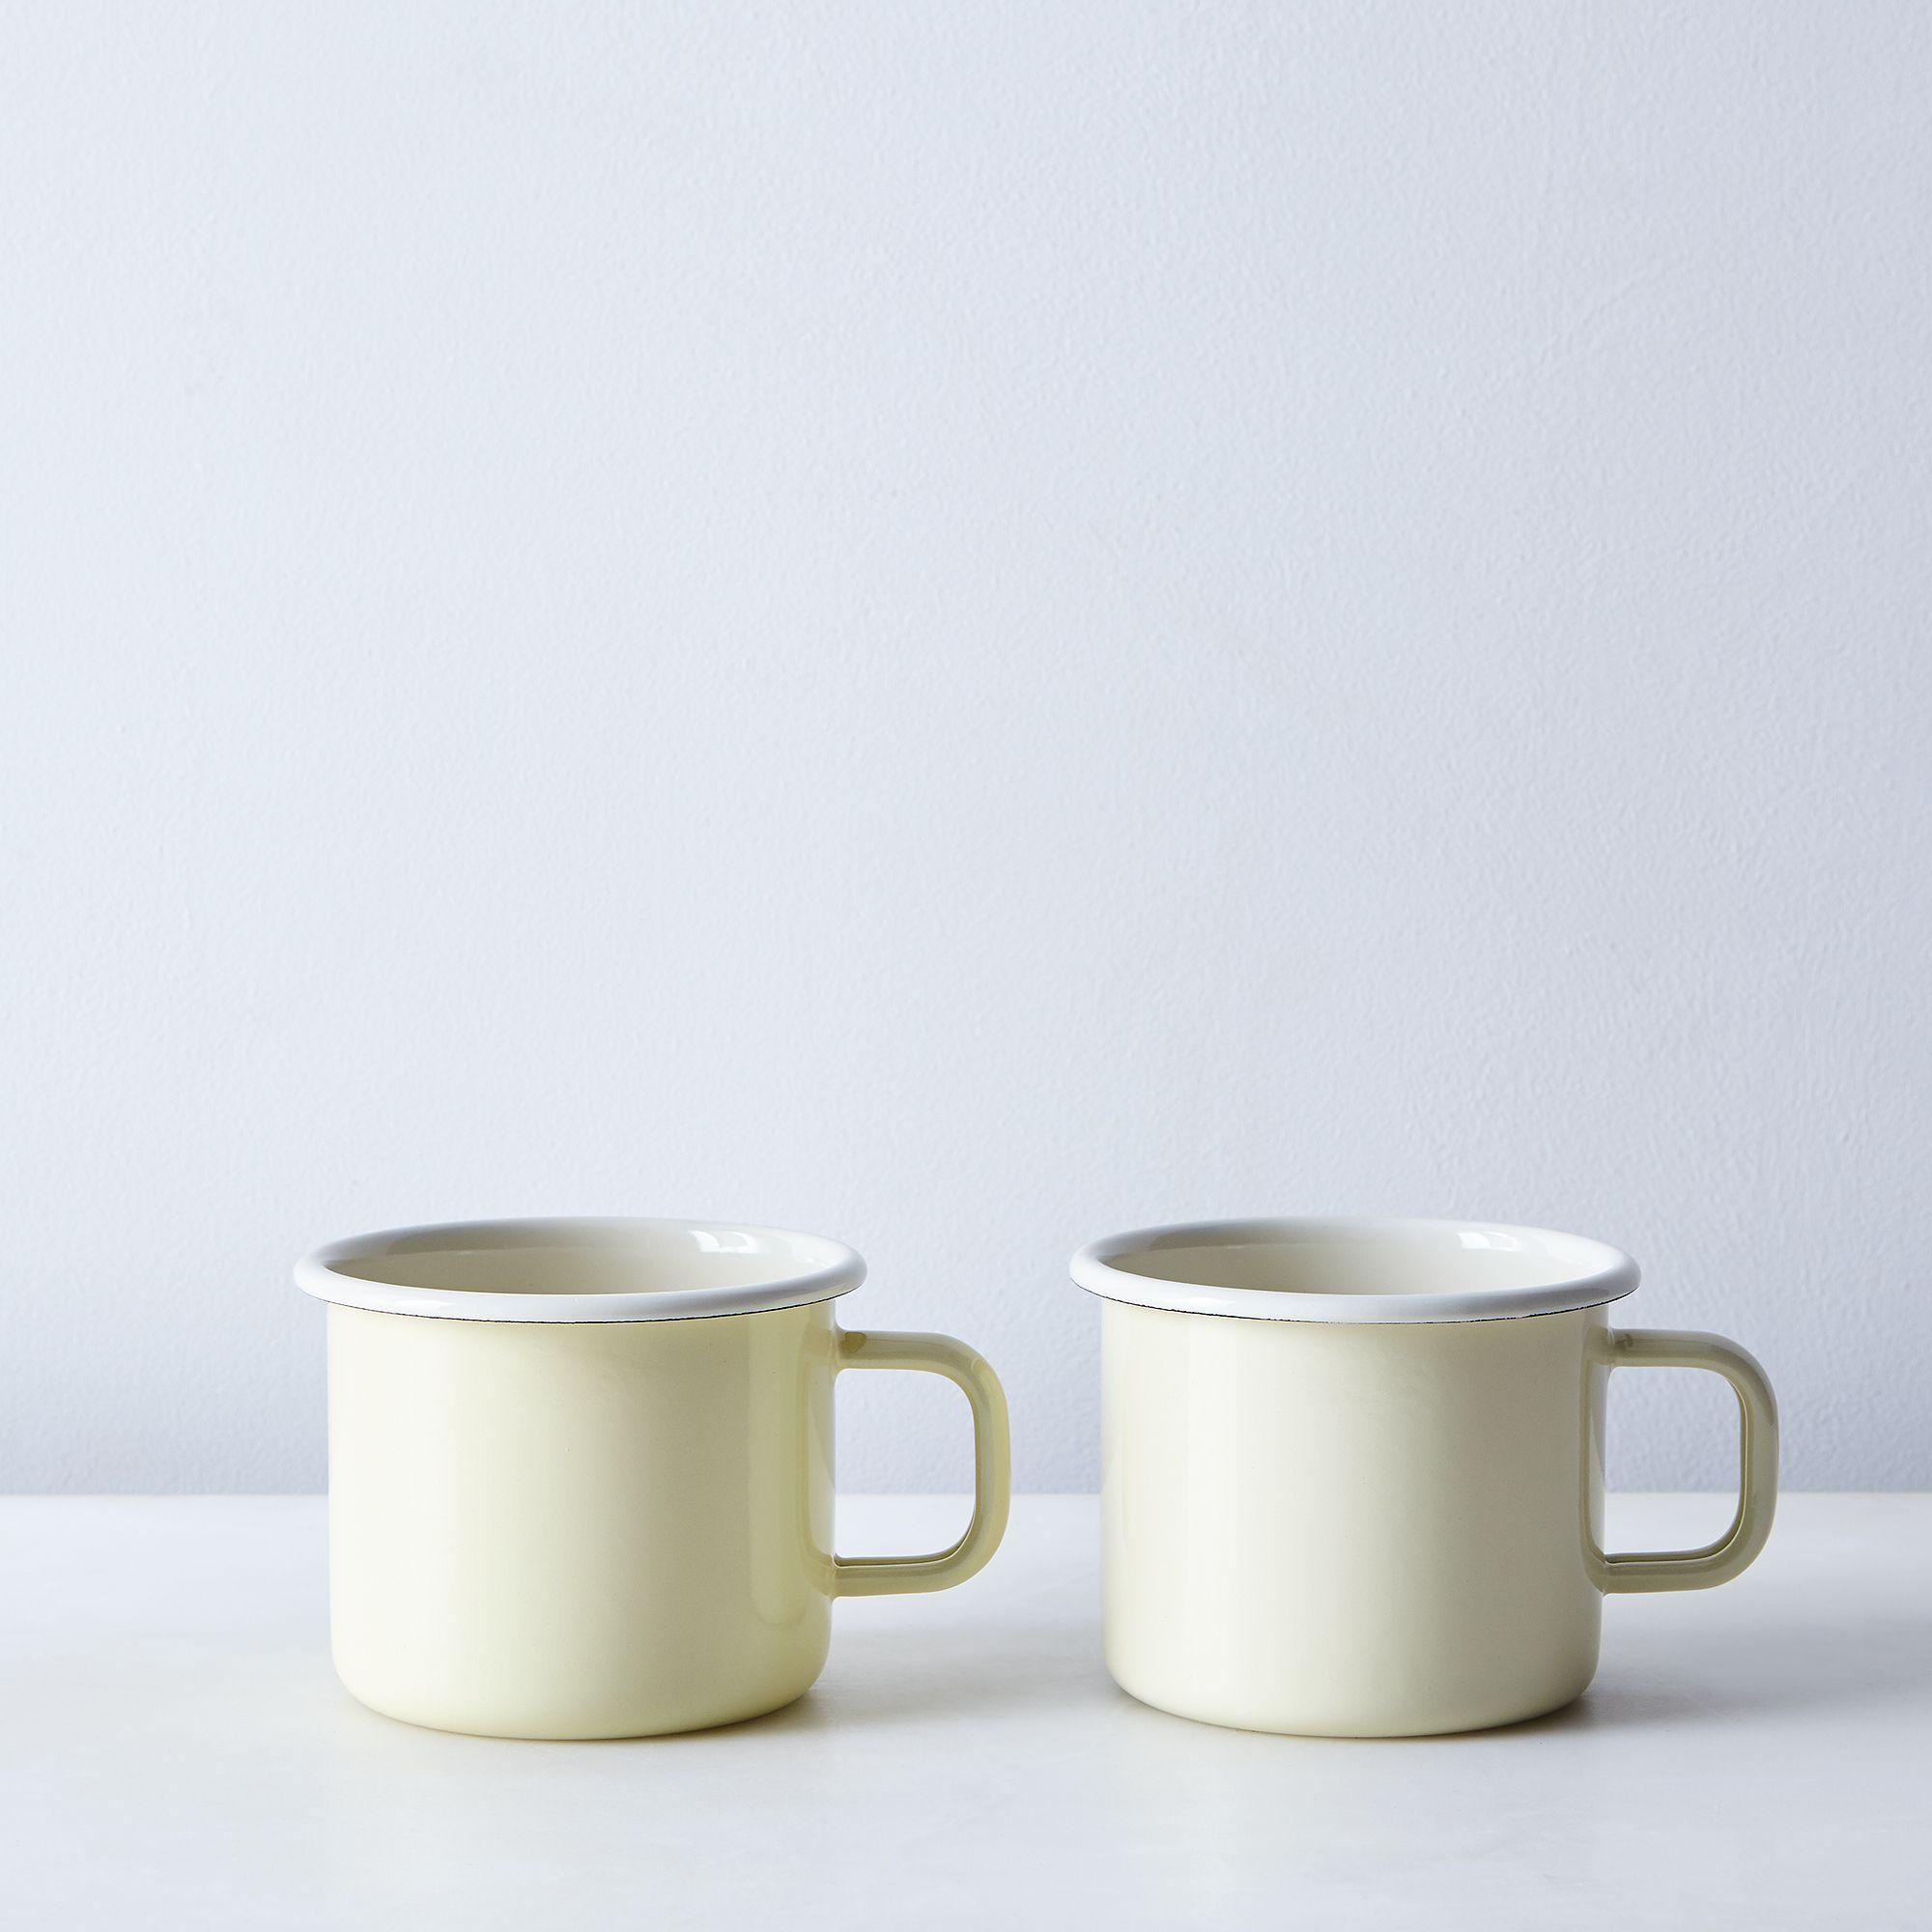 10a69465 22ac 44d2 a714 89c51b2288d2  2016 1014 dexam home enamel mug set of 2 buttercream silo rocky luten 3750